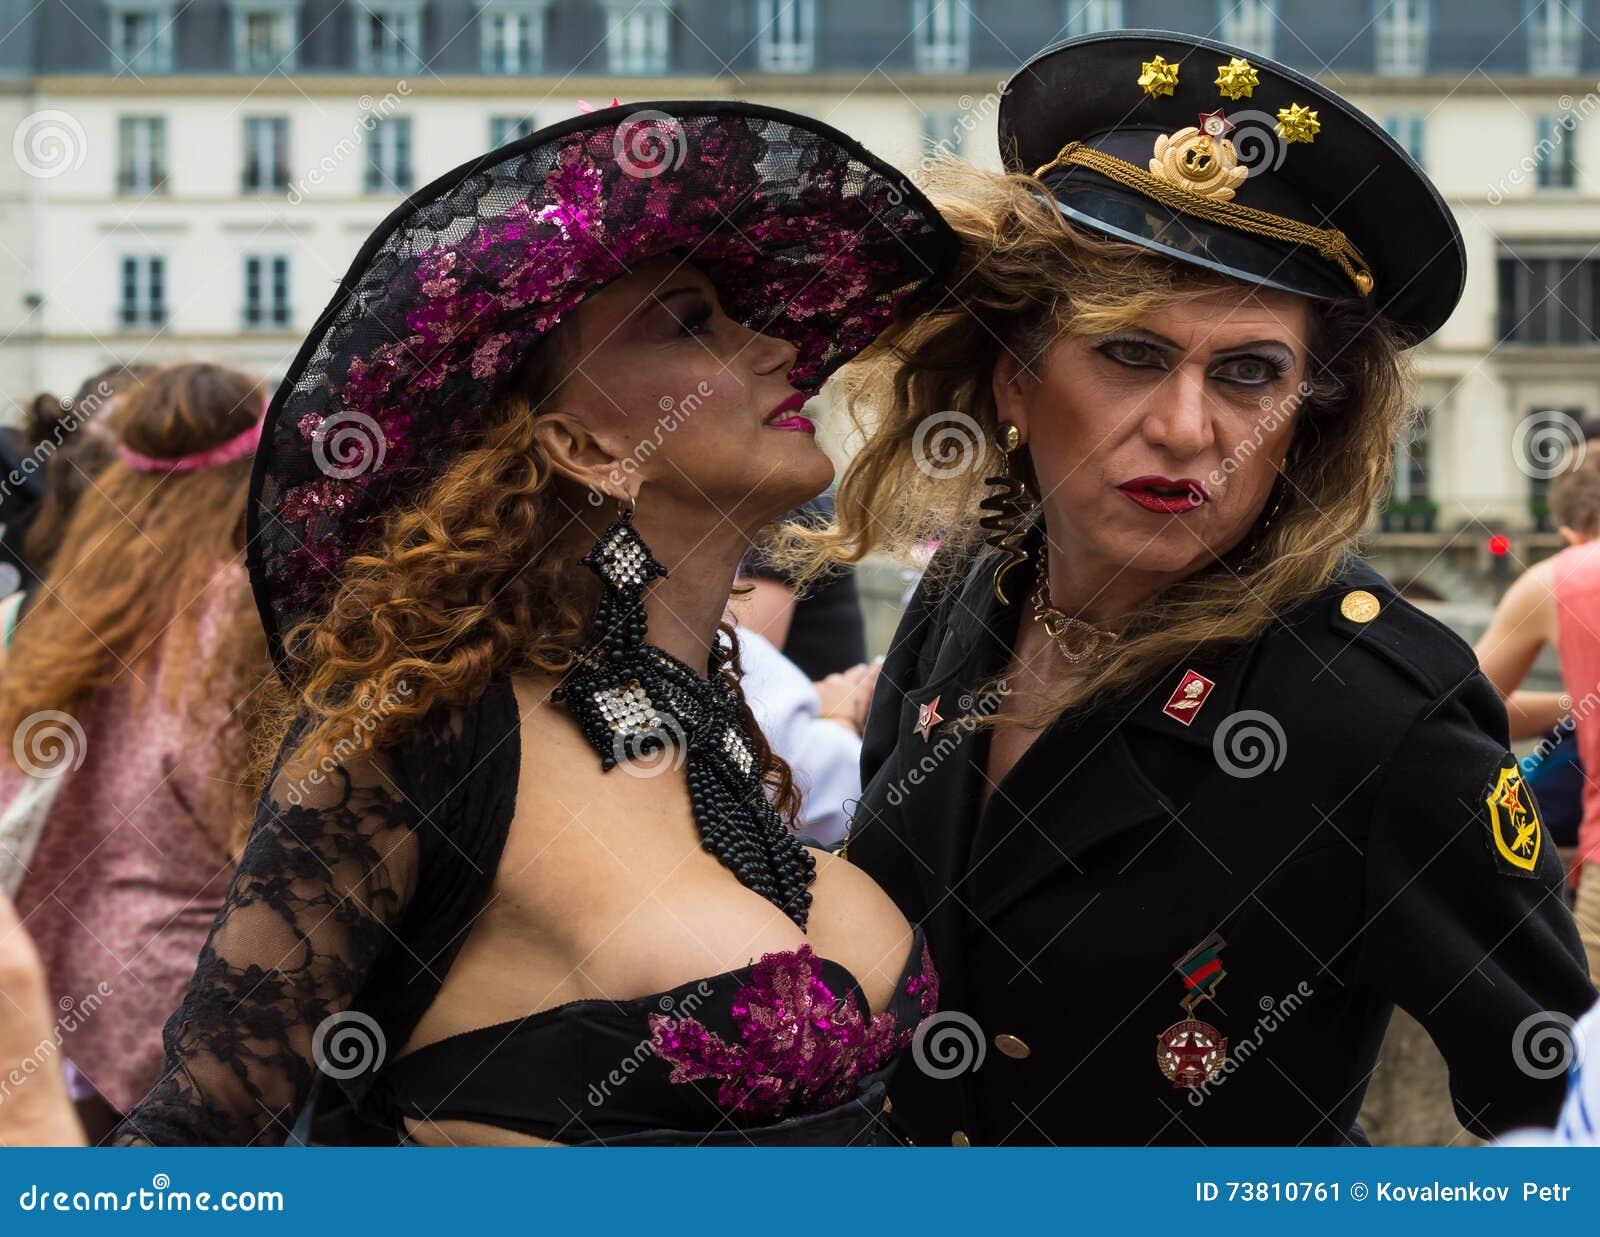 rencontre gay a paris à Cannes